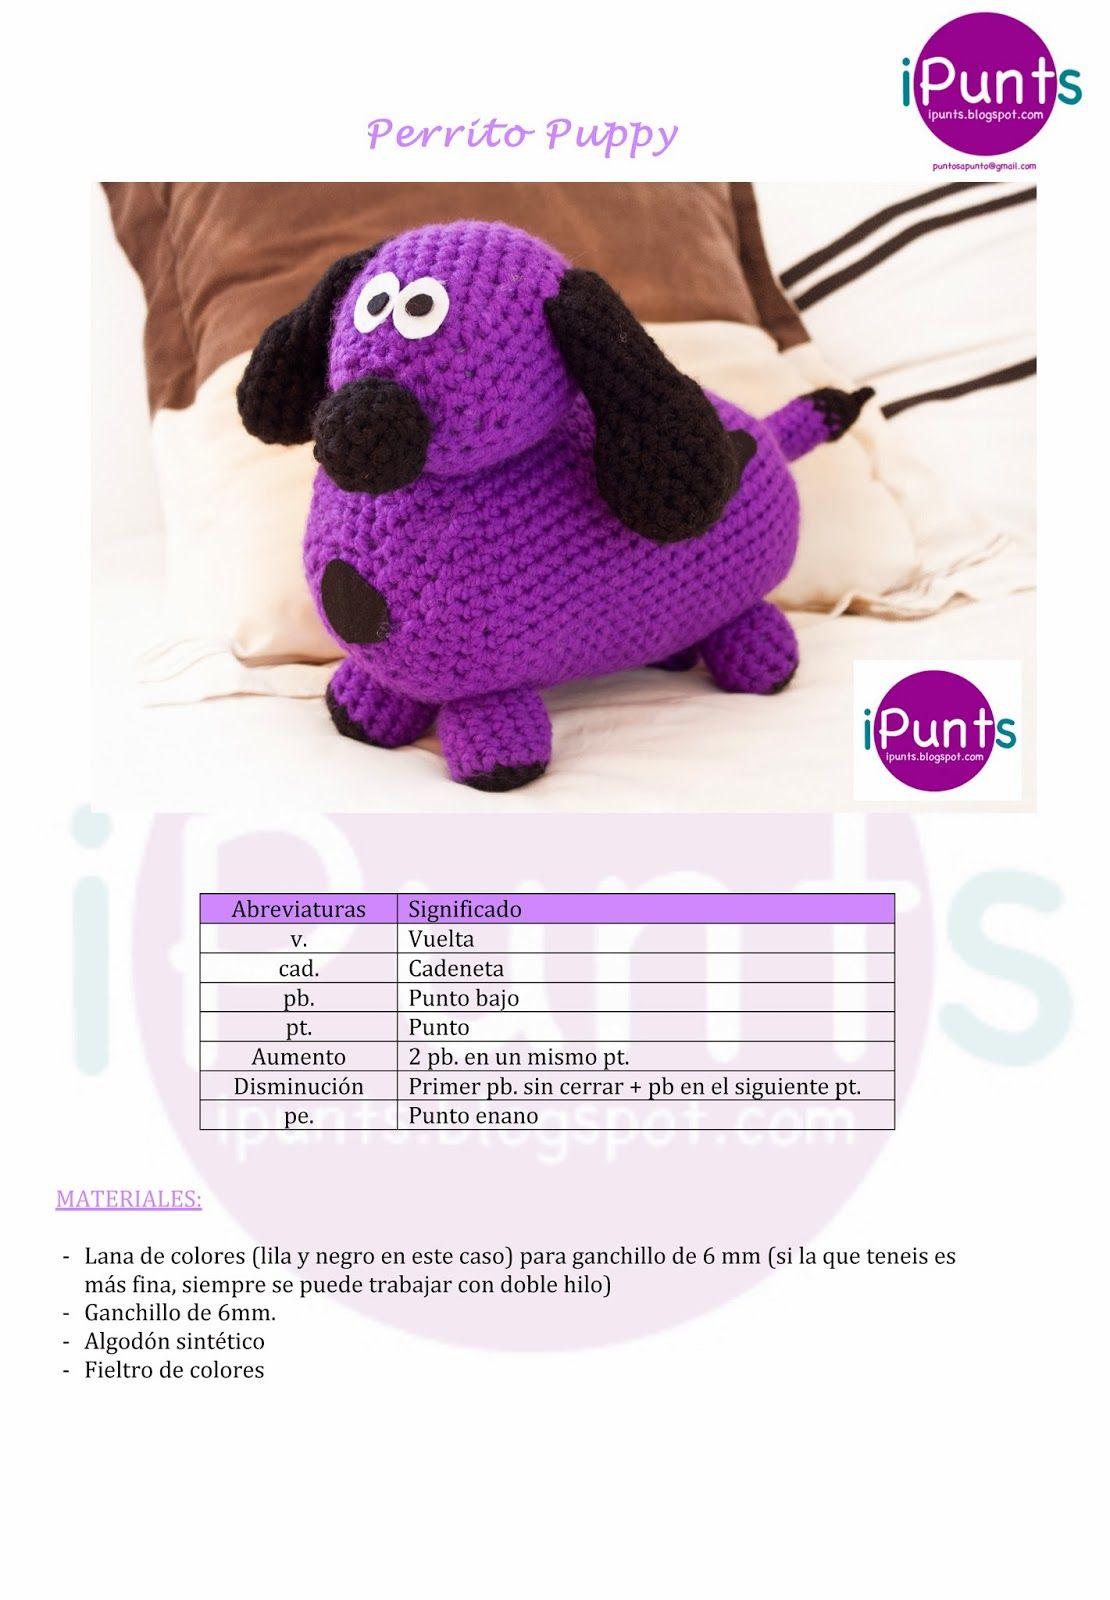 Perrito Puppy. Amigurumi de crochet. Patrón gratis de iPunts: agujas ...